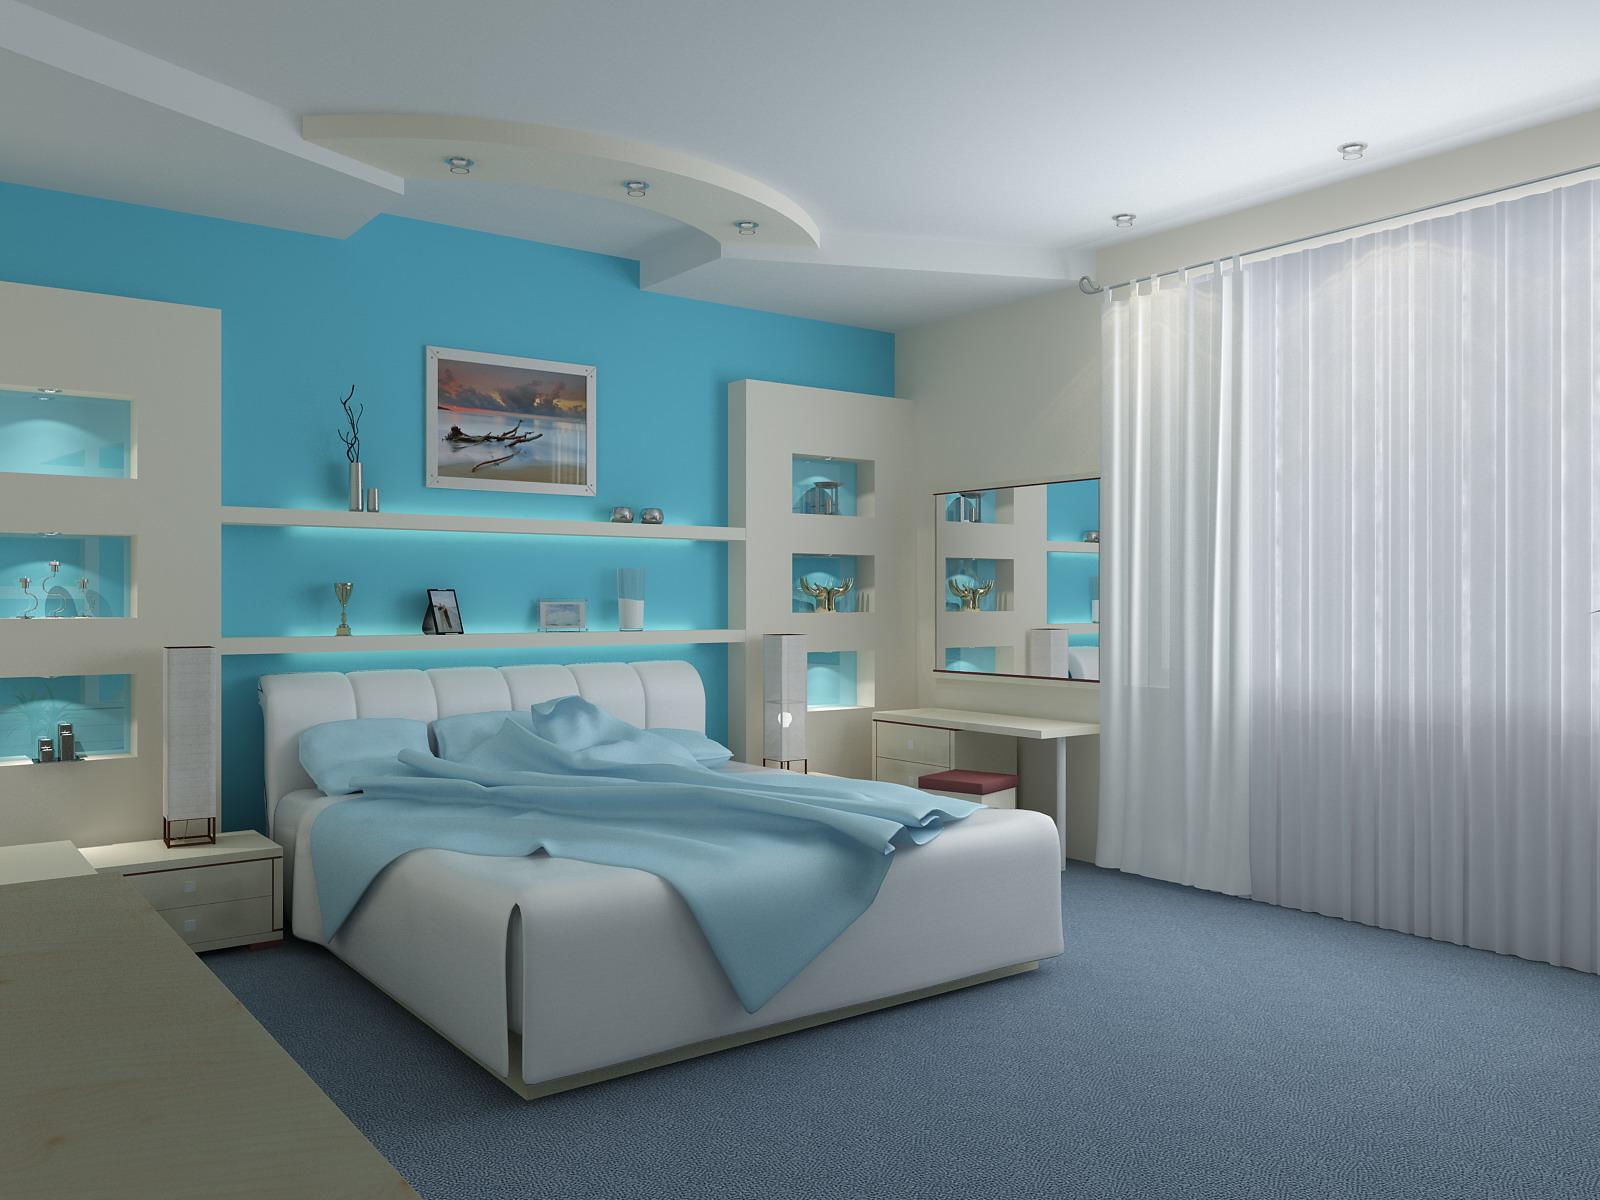 Blue Bedrooms For Kids  Bellisima